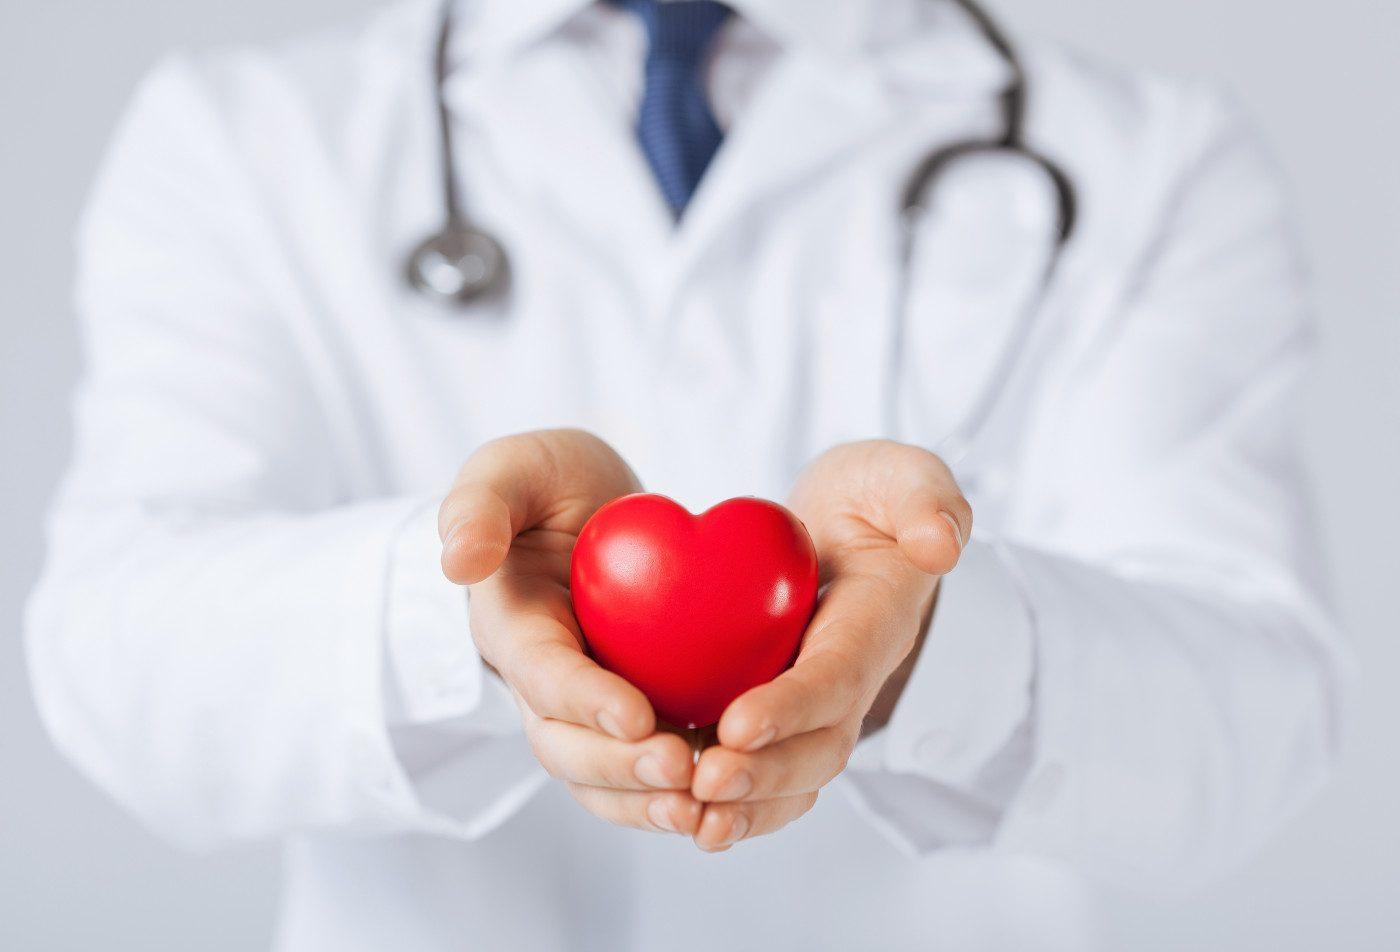 Un estudio sugiere que la mala función cardíaca aumenta el riesgo de muerte temprana después del trasplante pulmonar en pacientes con HAP